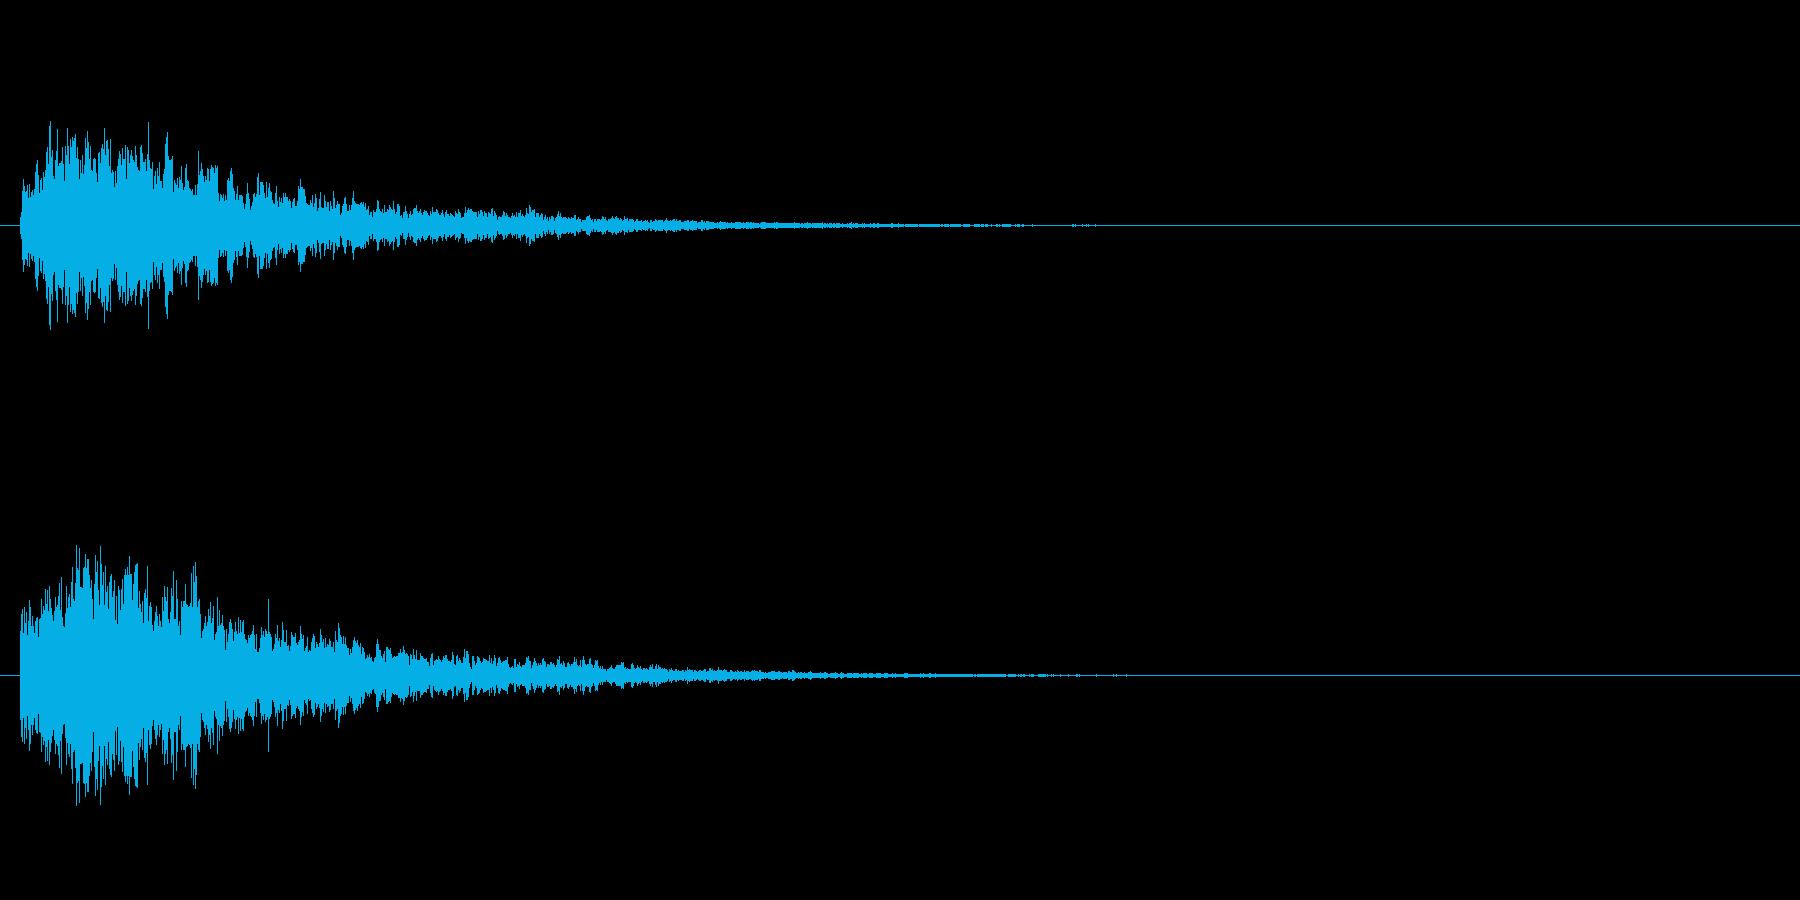 凍りつくイメージの音ですの再生済みの波形